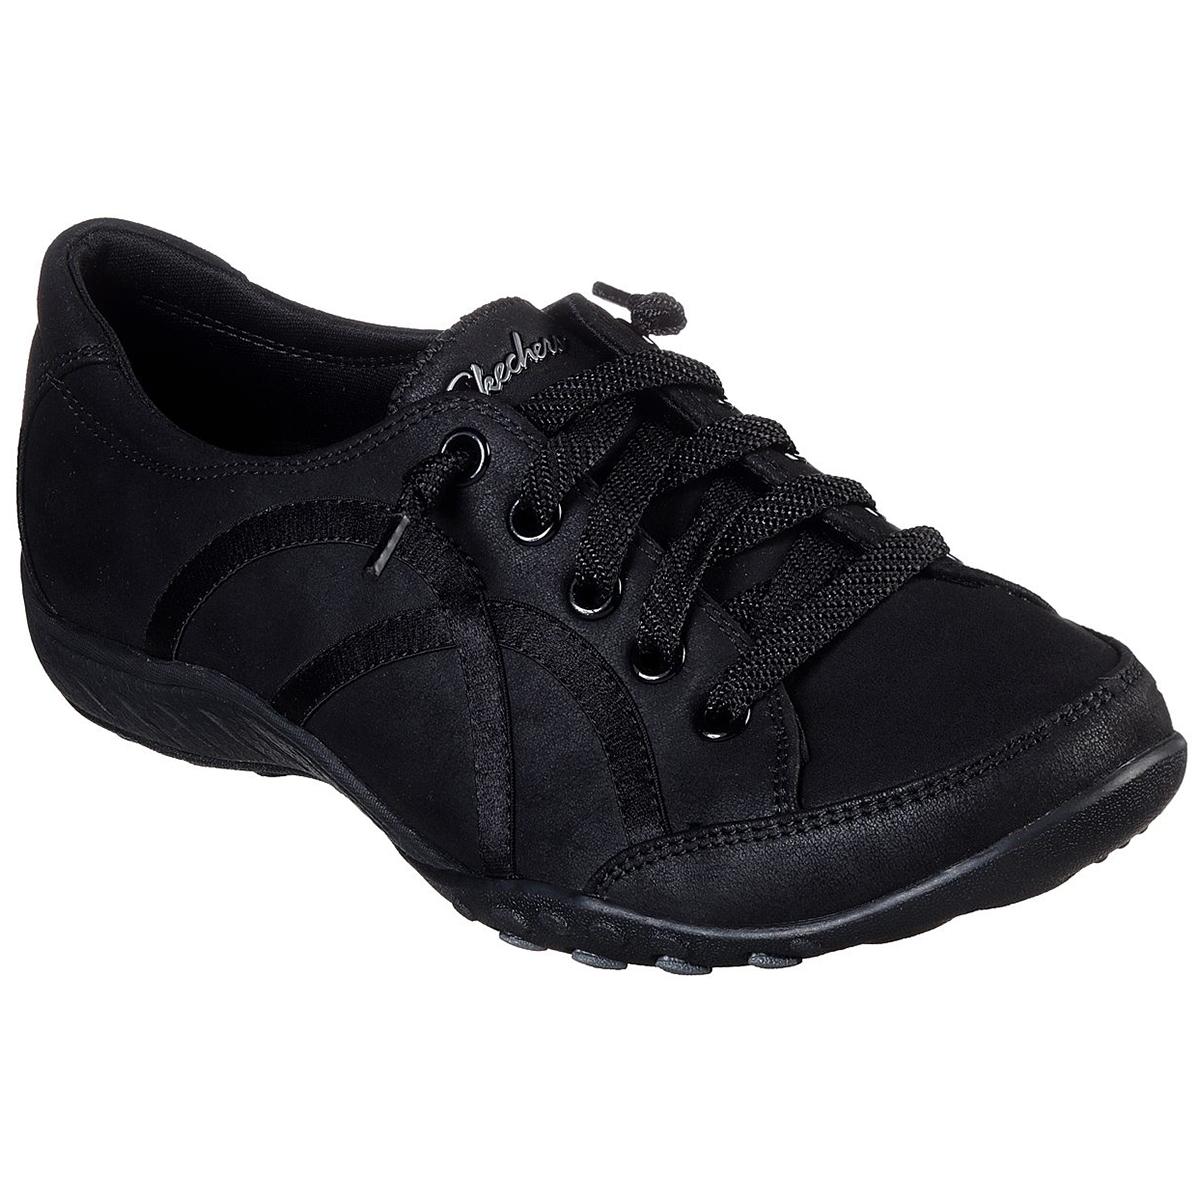 Skechers Women's Relaxed Fit Breathe-Easy Well Read Sneakers - Black, 7